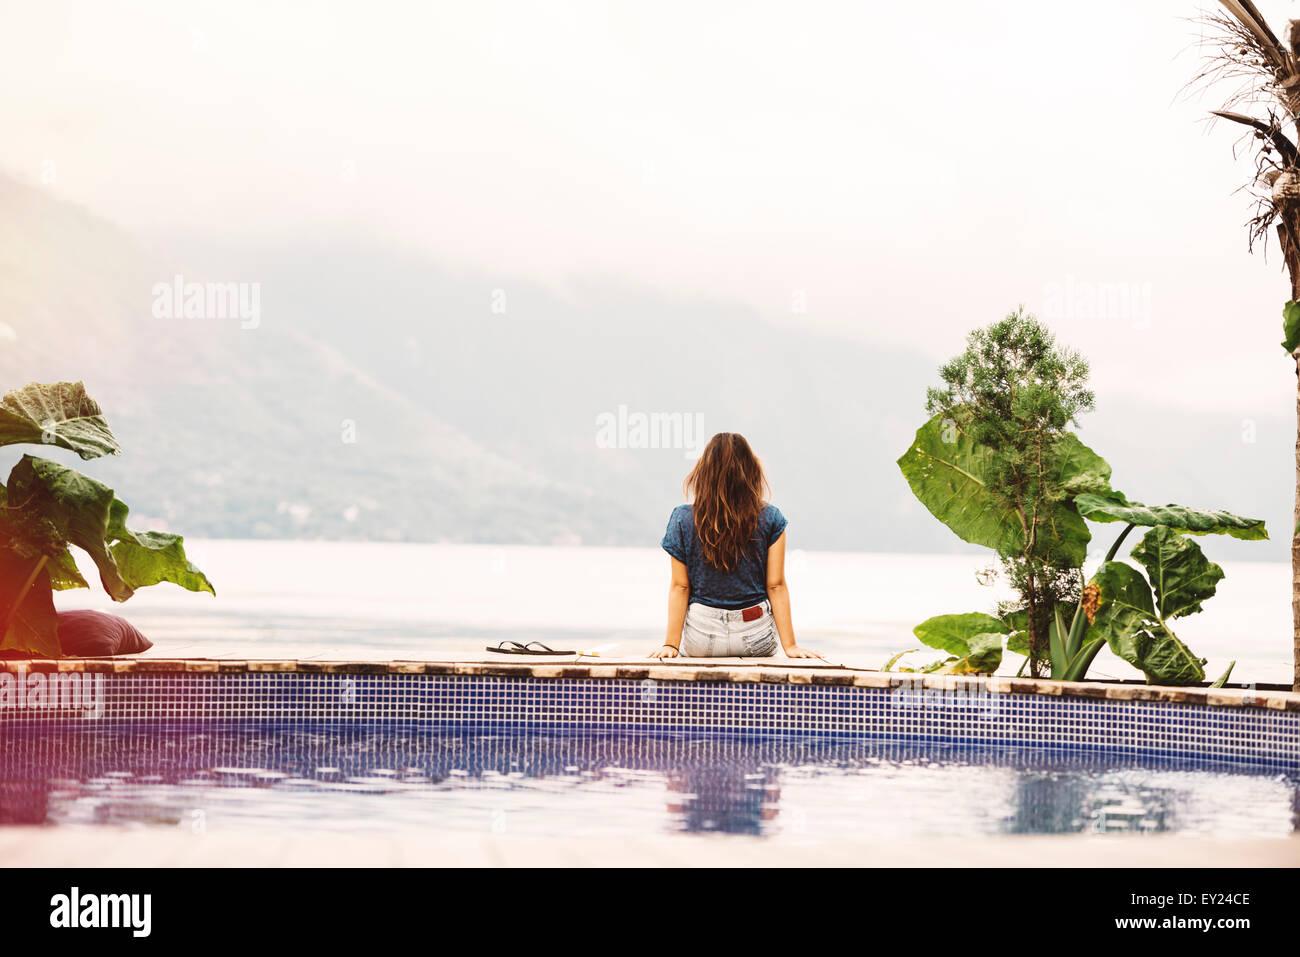 Young woman sitting on edge of pool, San Pedro, Lake Atitlan, Guatemala - Stock Image